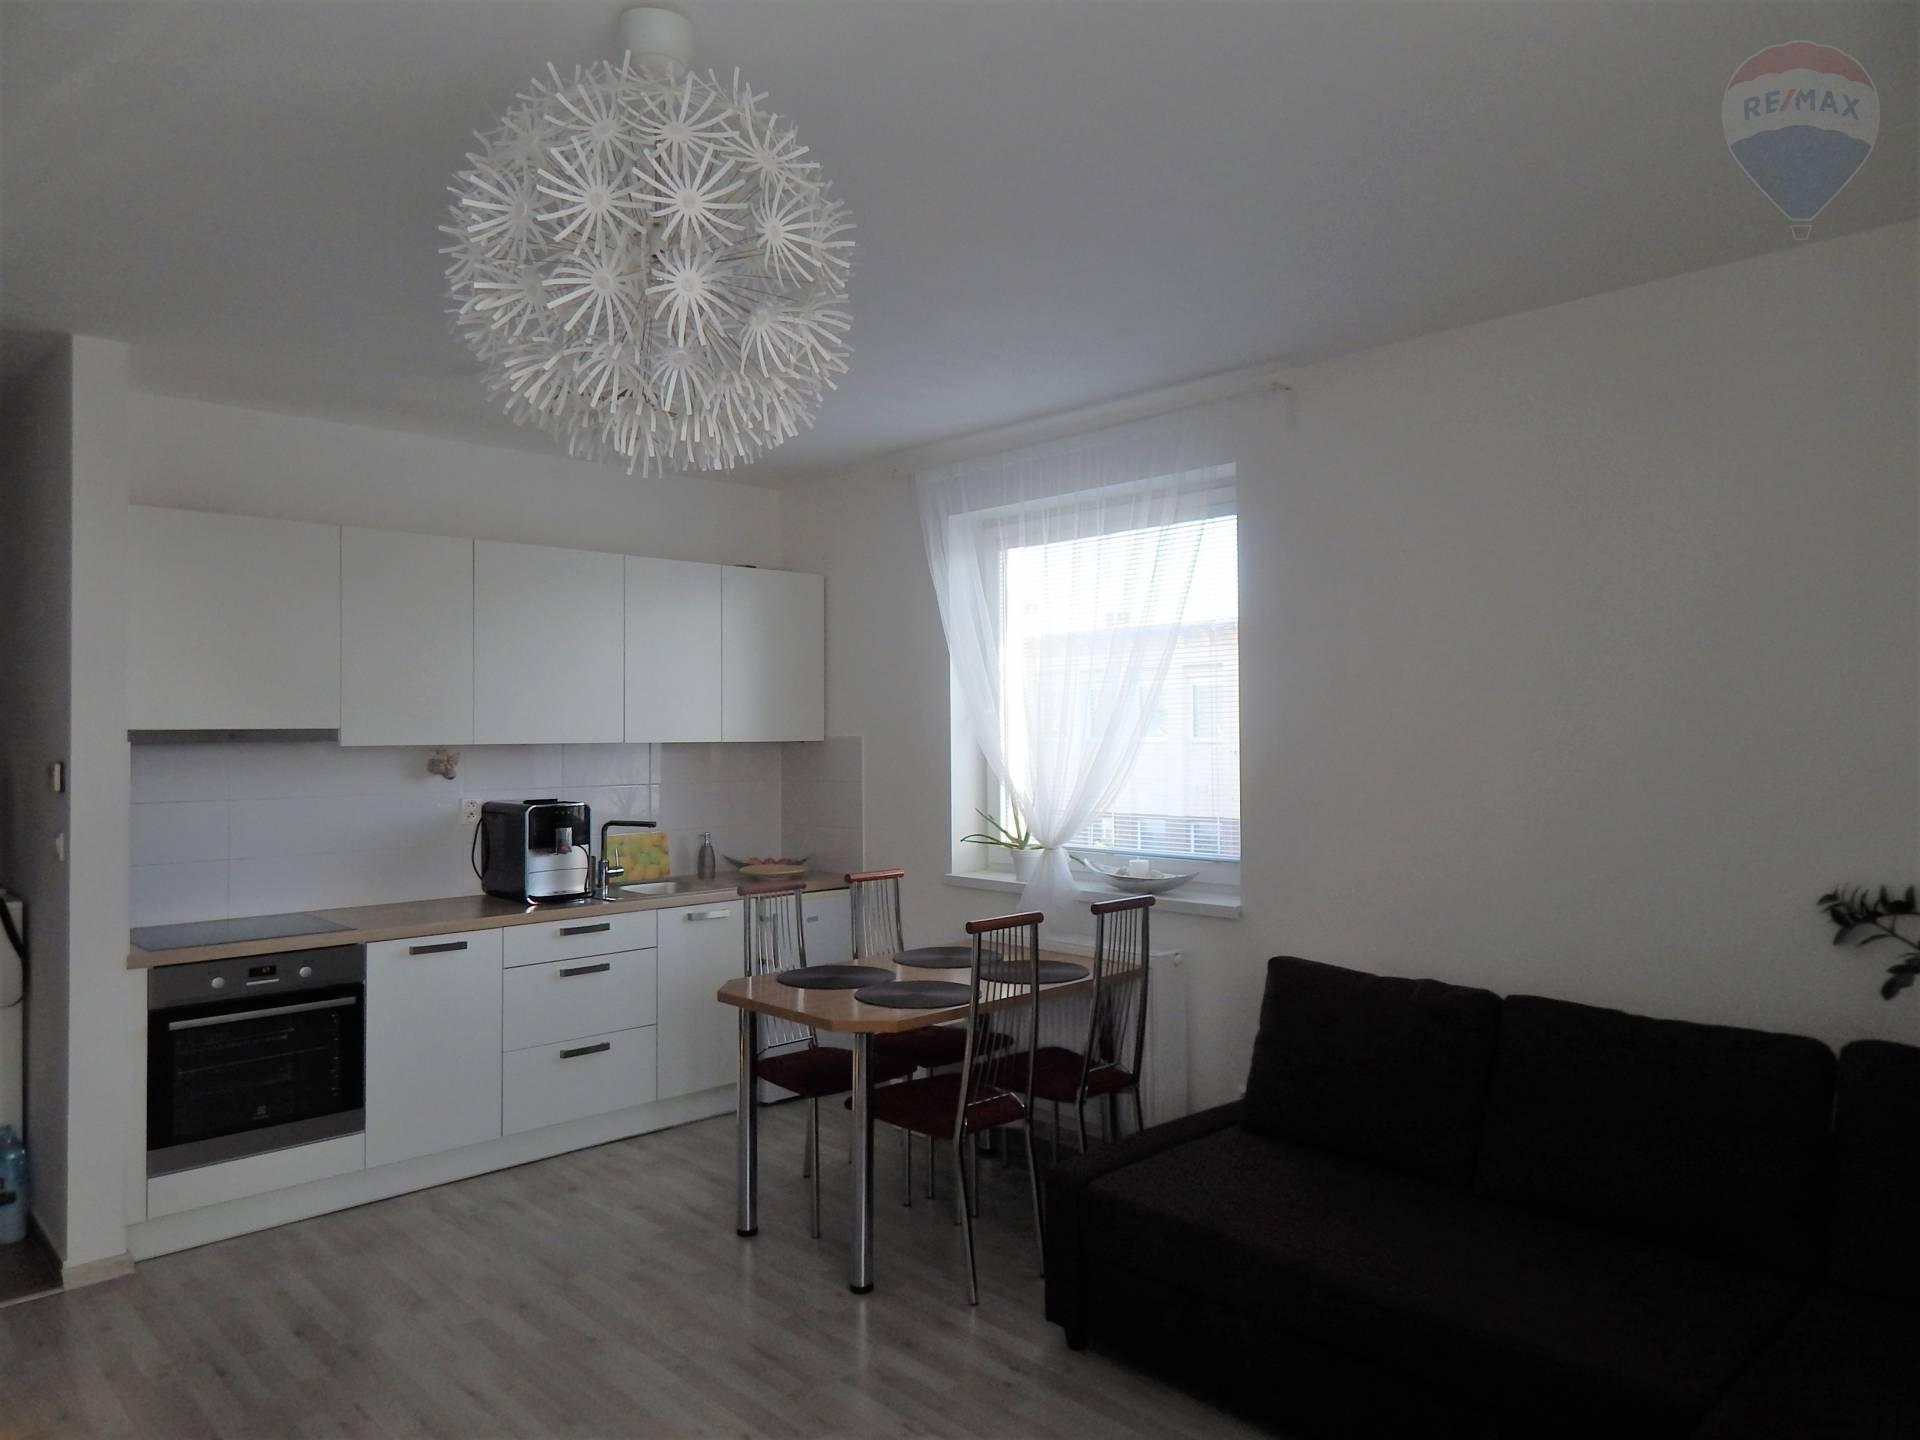 Predaj : Priestranný 1i-byt s lodžiou v príjemnom prostredí v Stupave